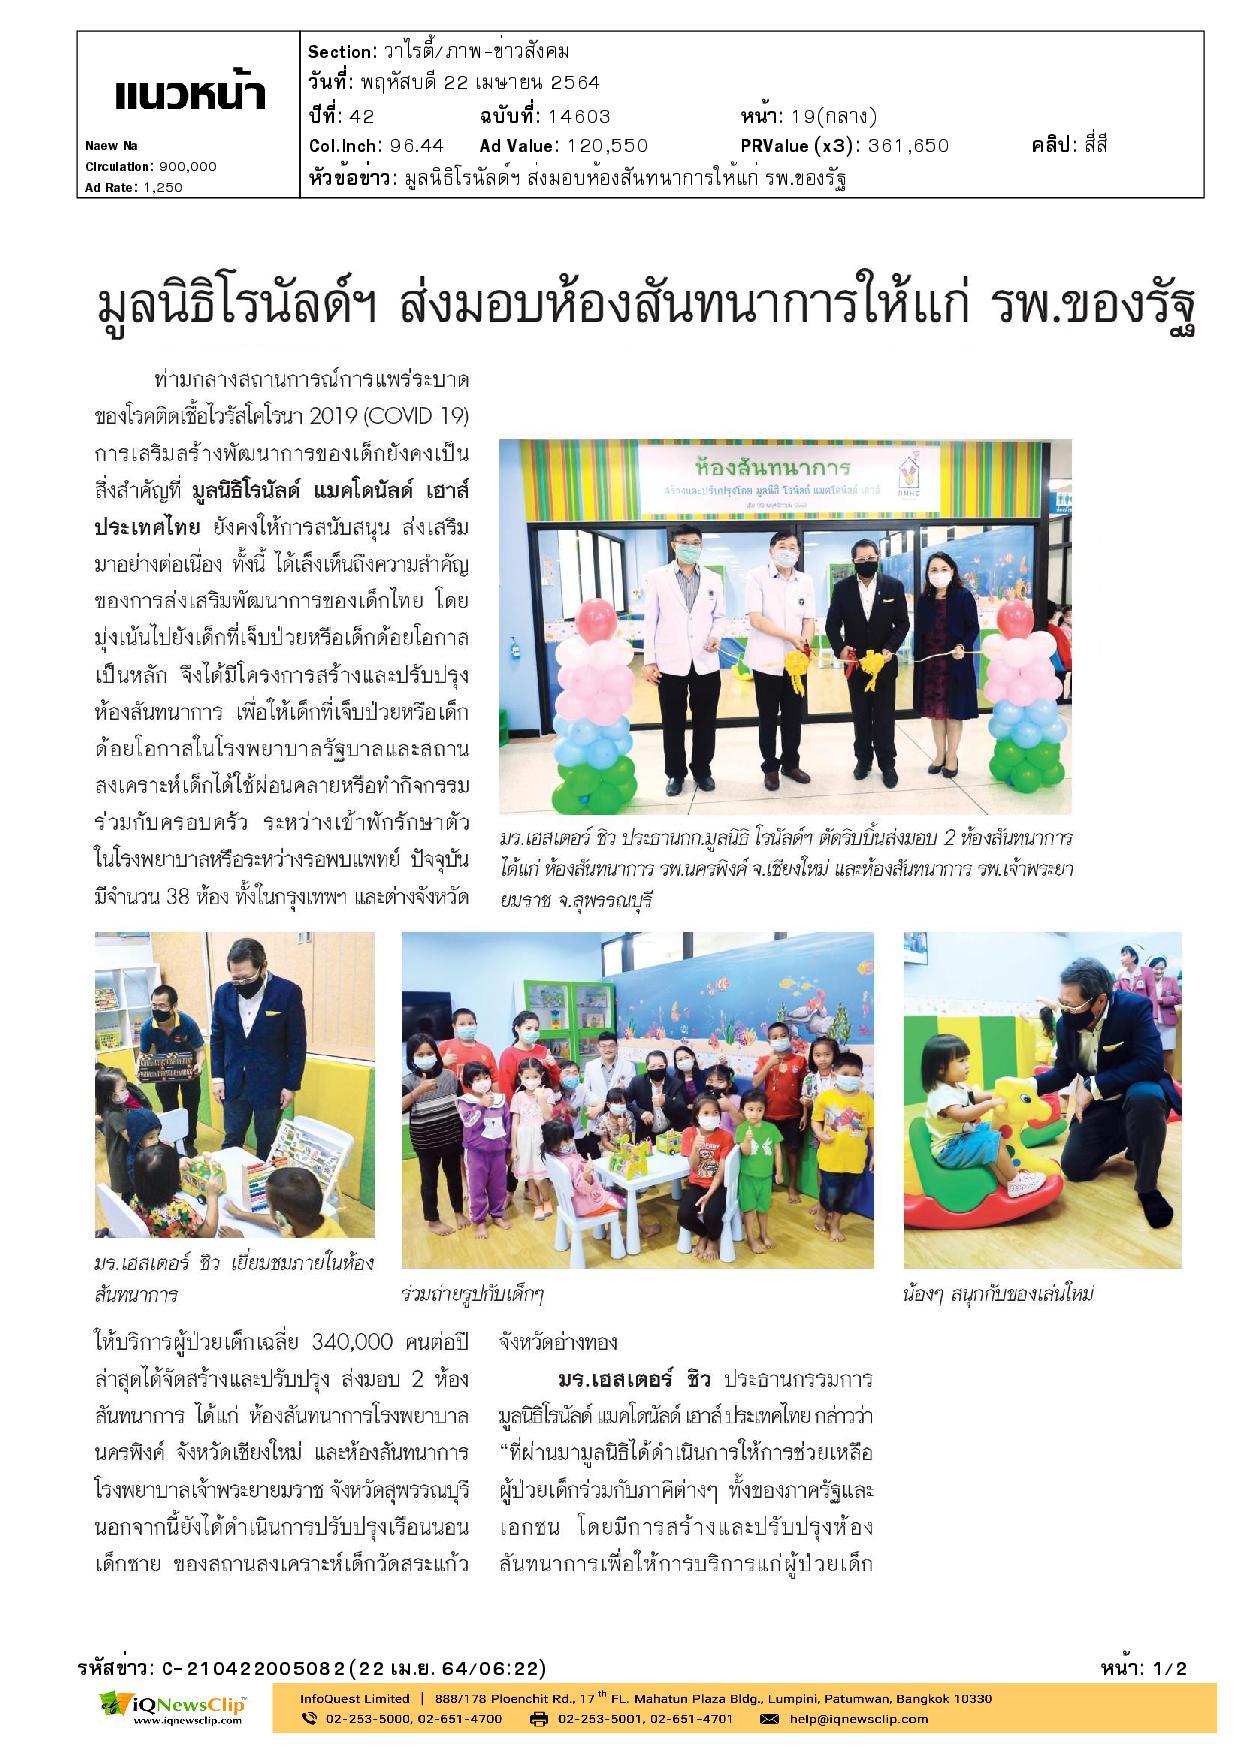 มูลนิธิโรนัลด์ แมคโดนัลด์ เฮาส์ ประเทศไทย ส่งมอบห้องสันทนาการให้ แก่ รพ.จุฬาฯ